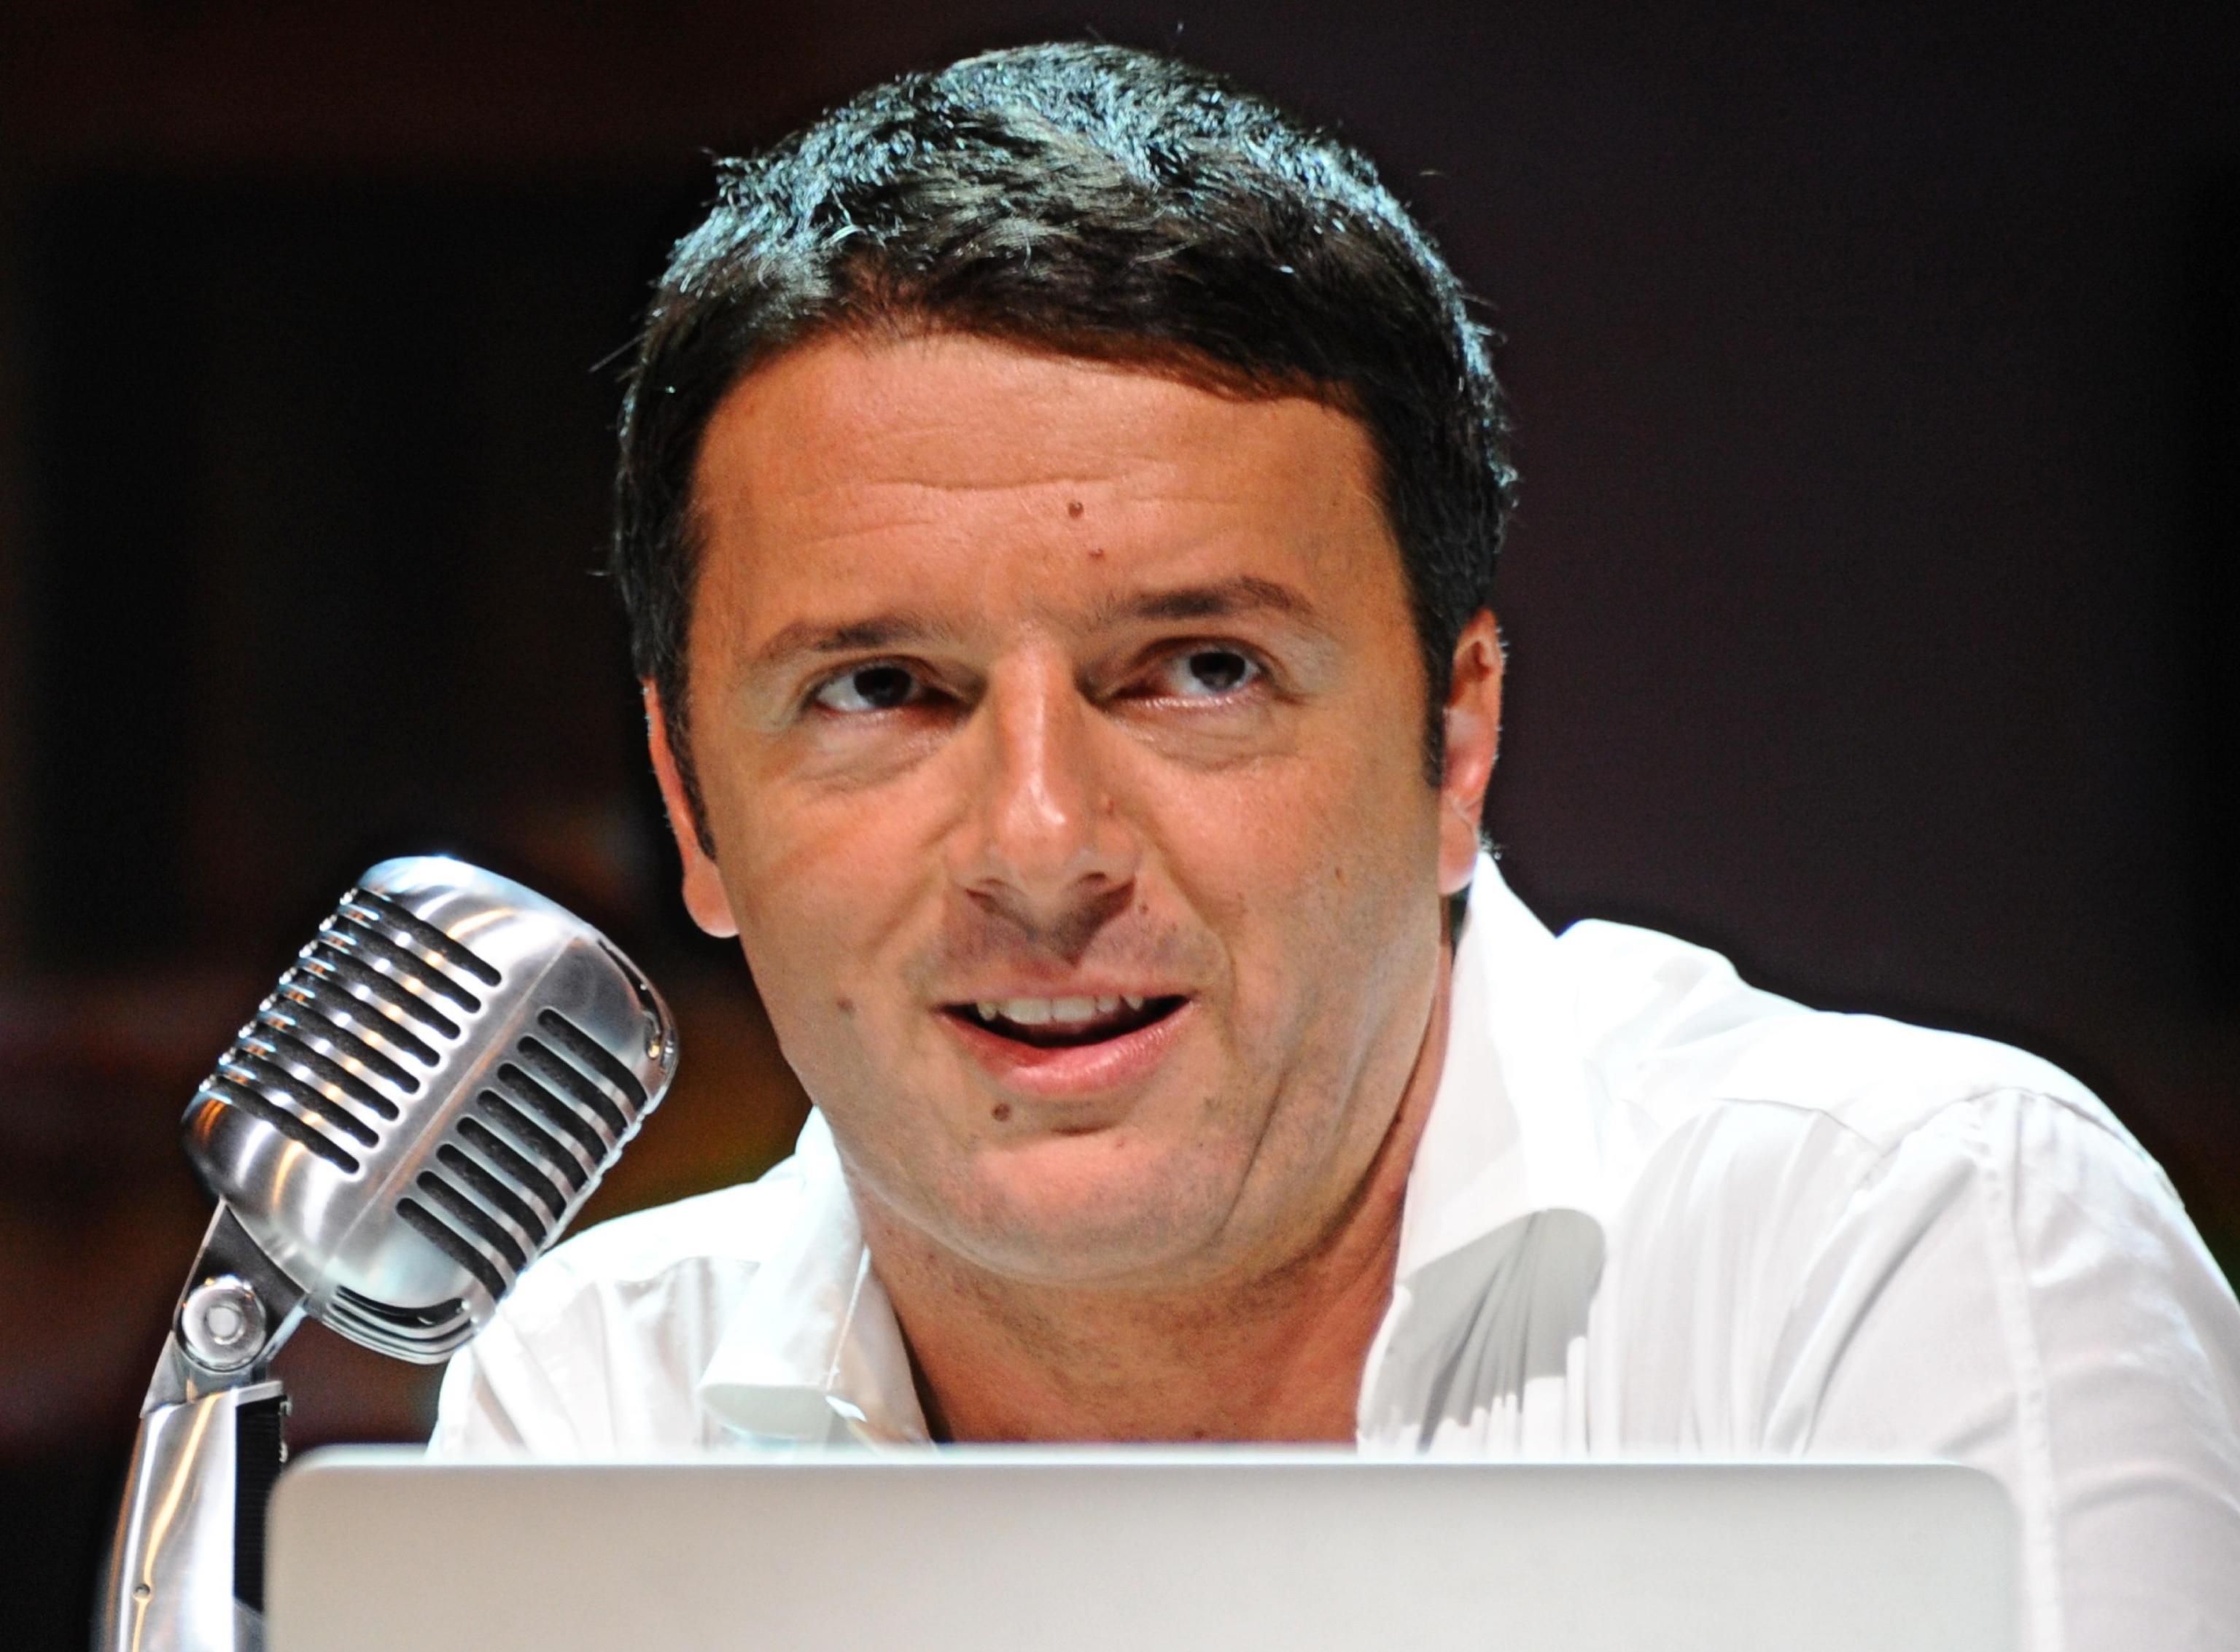 Diretta-streaming-conferenza-stampa-Matteo-Renzi-Def-oggi-8-aprile-2014